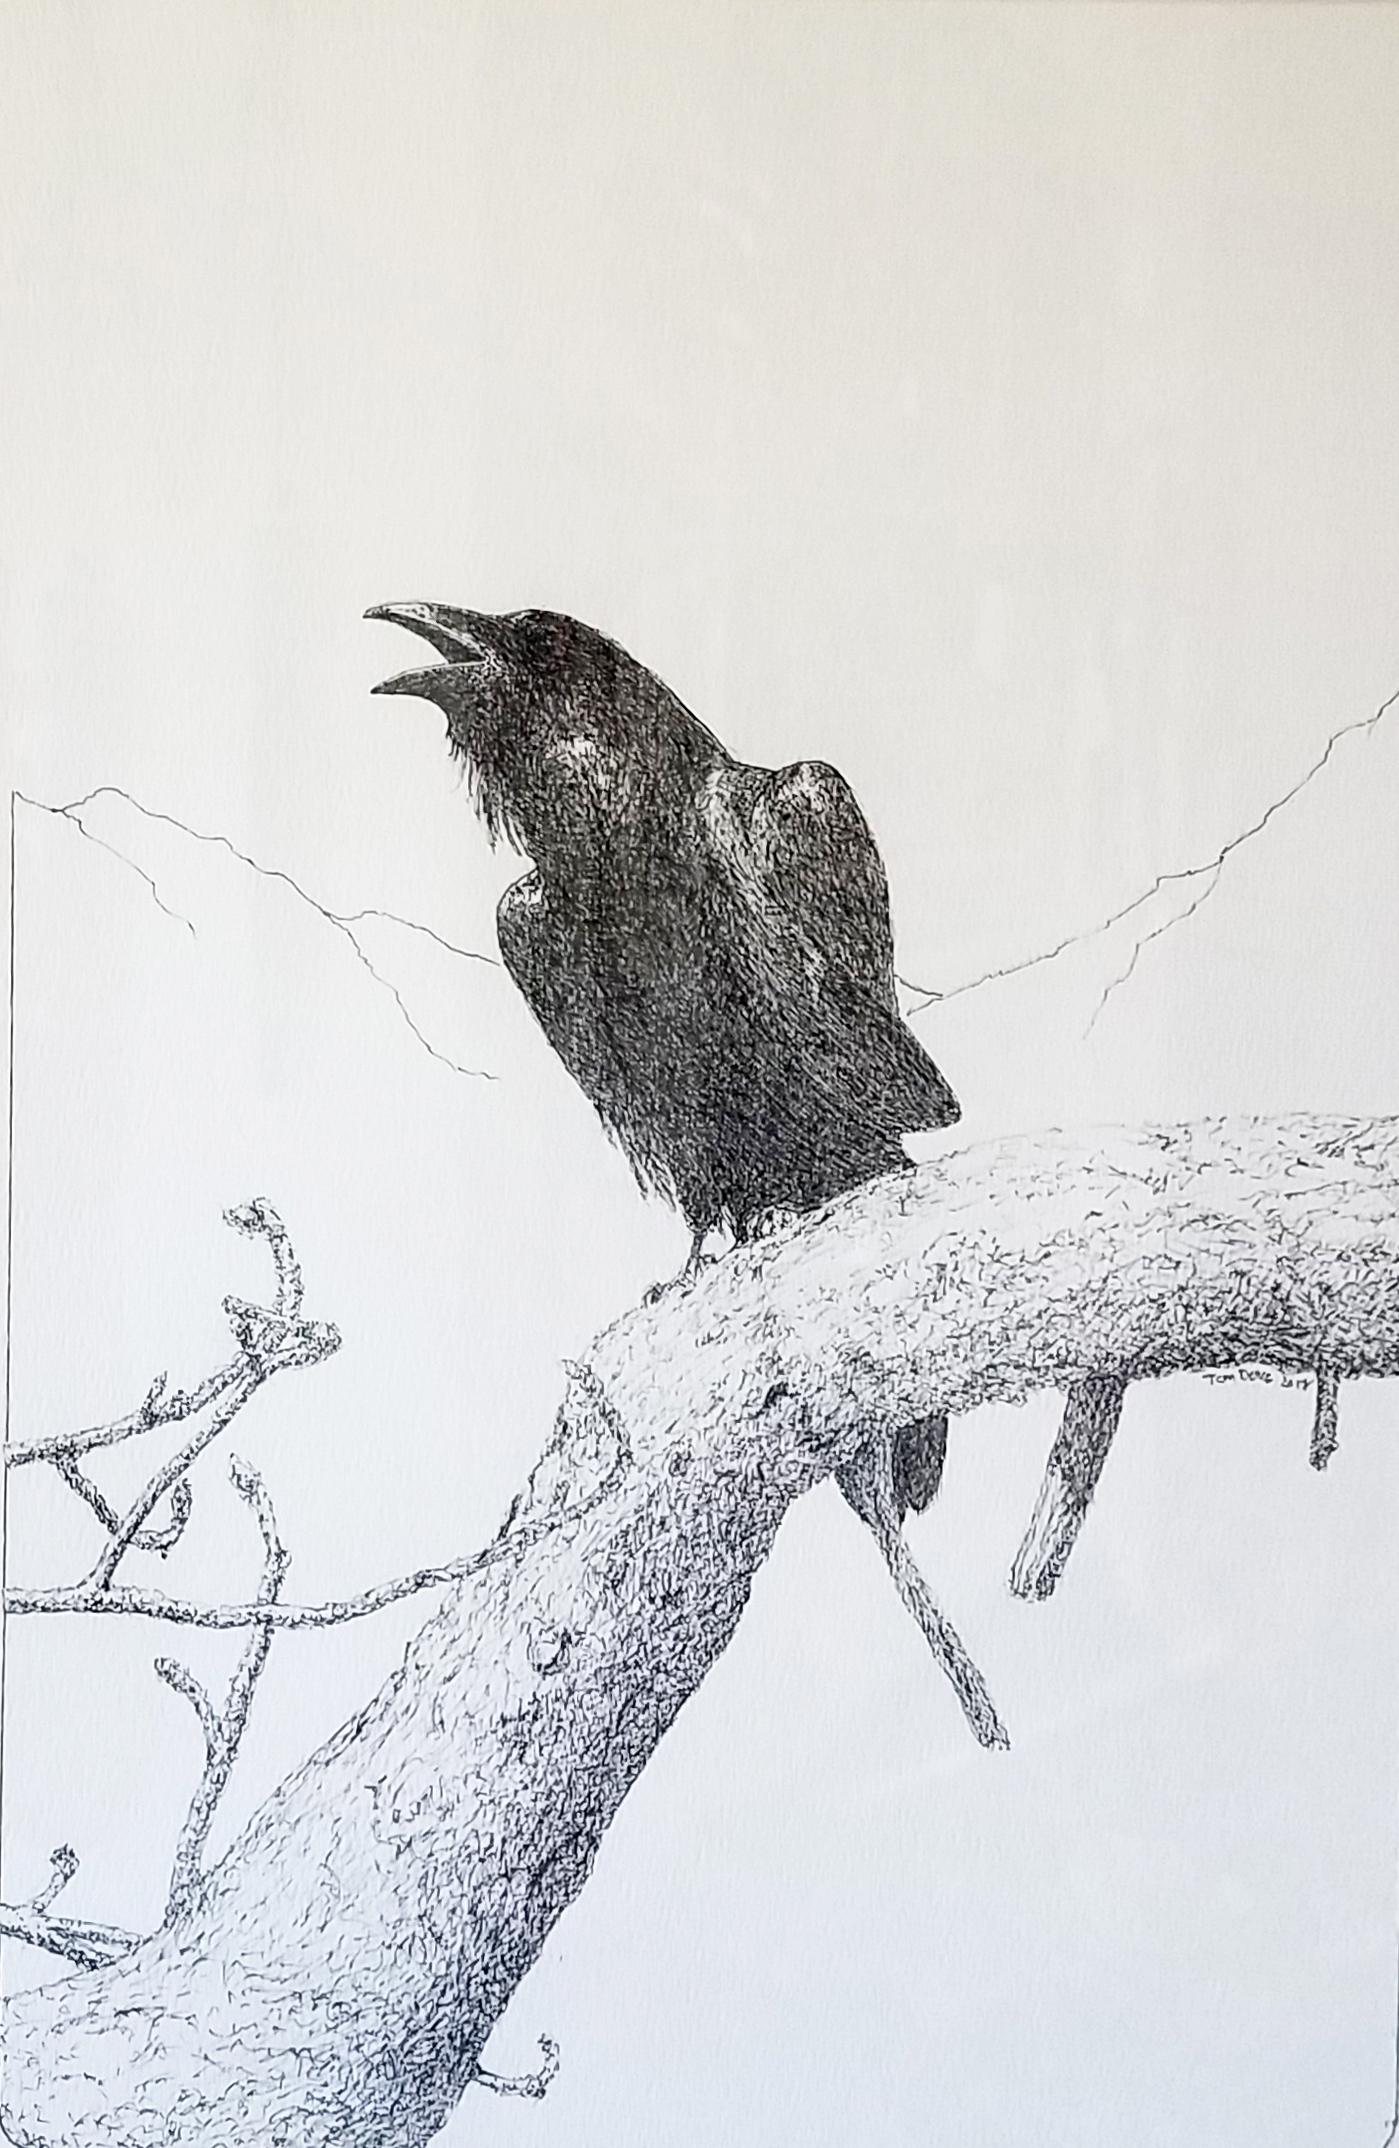 Tom Duke, Black Bird Speaks